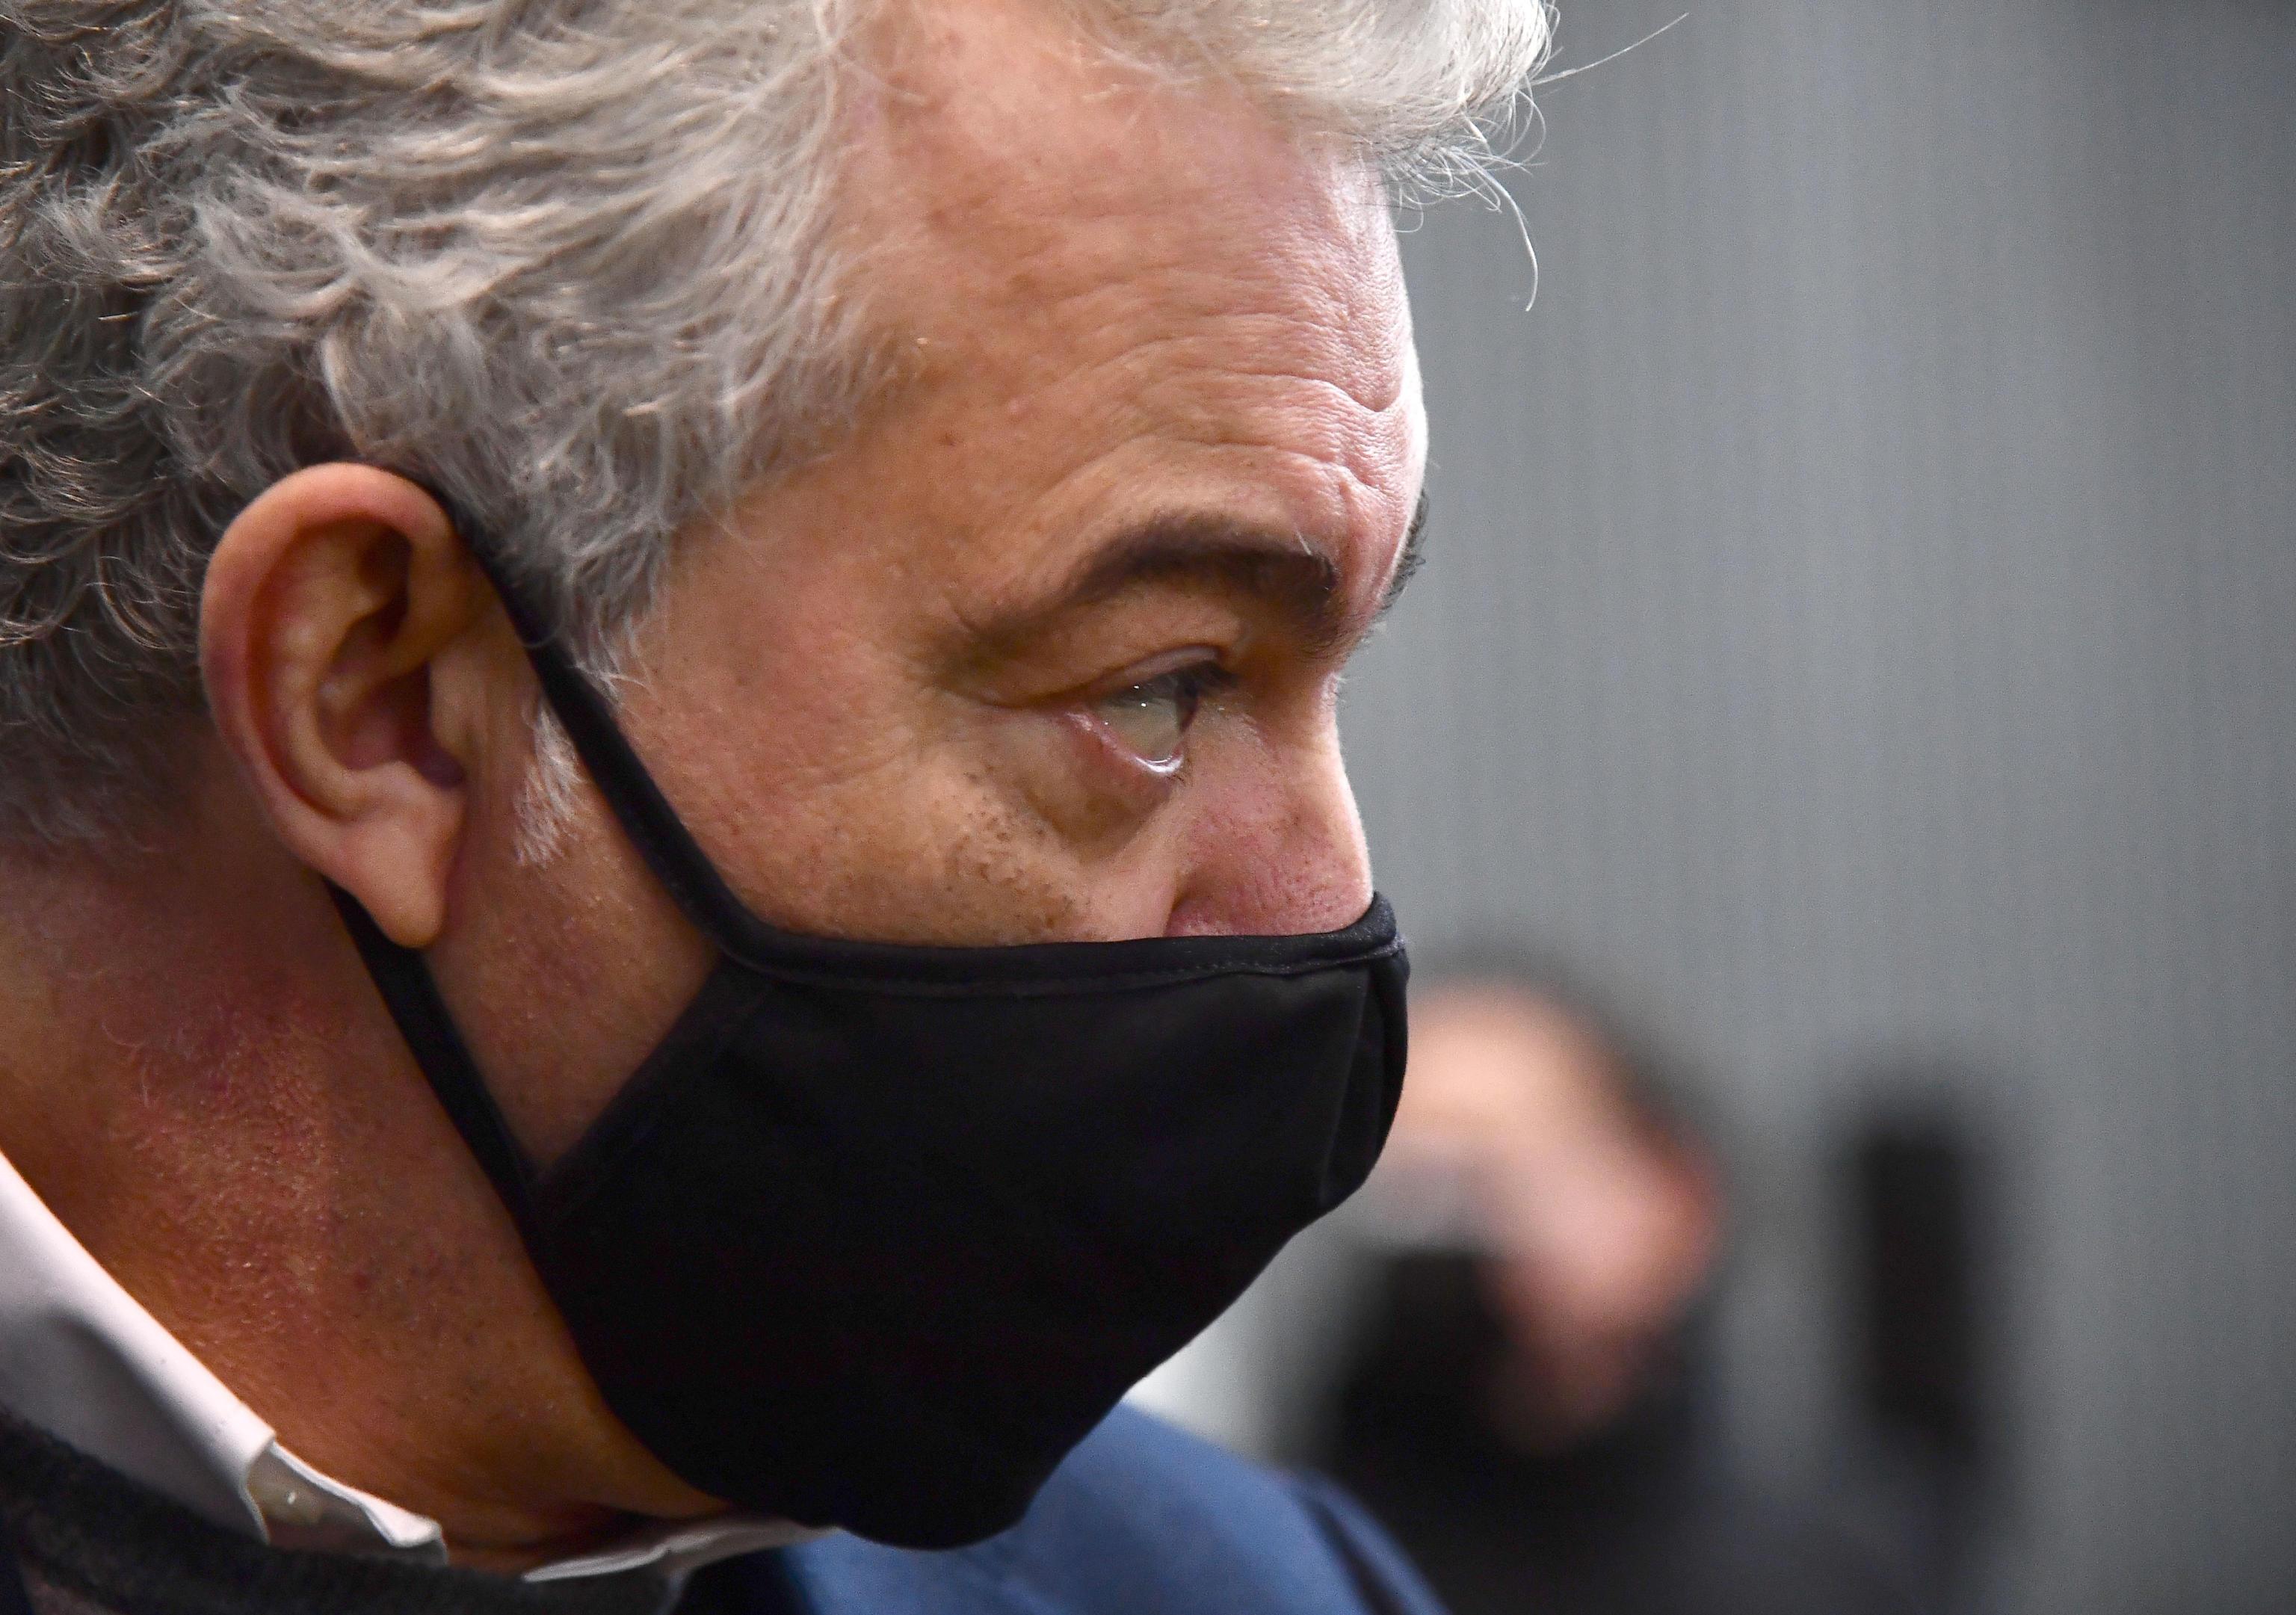 Inchiesta sulle mascherine: Arcuri interrogato da pm Roma